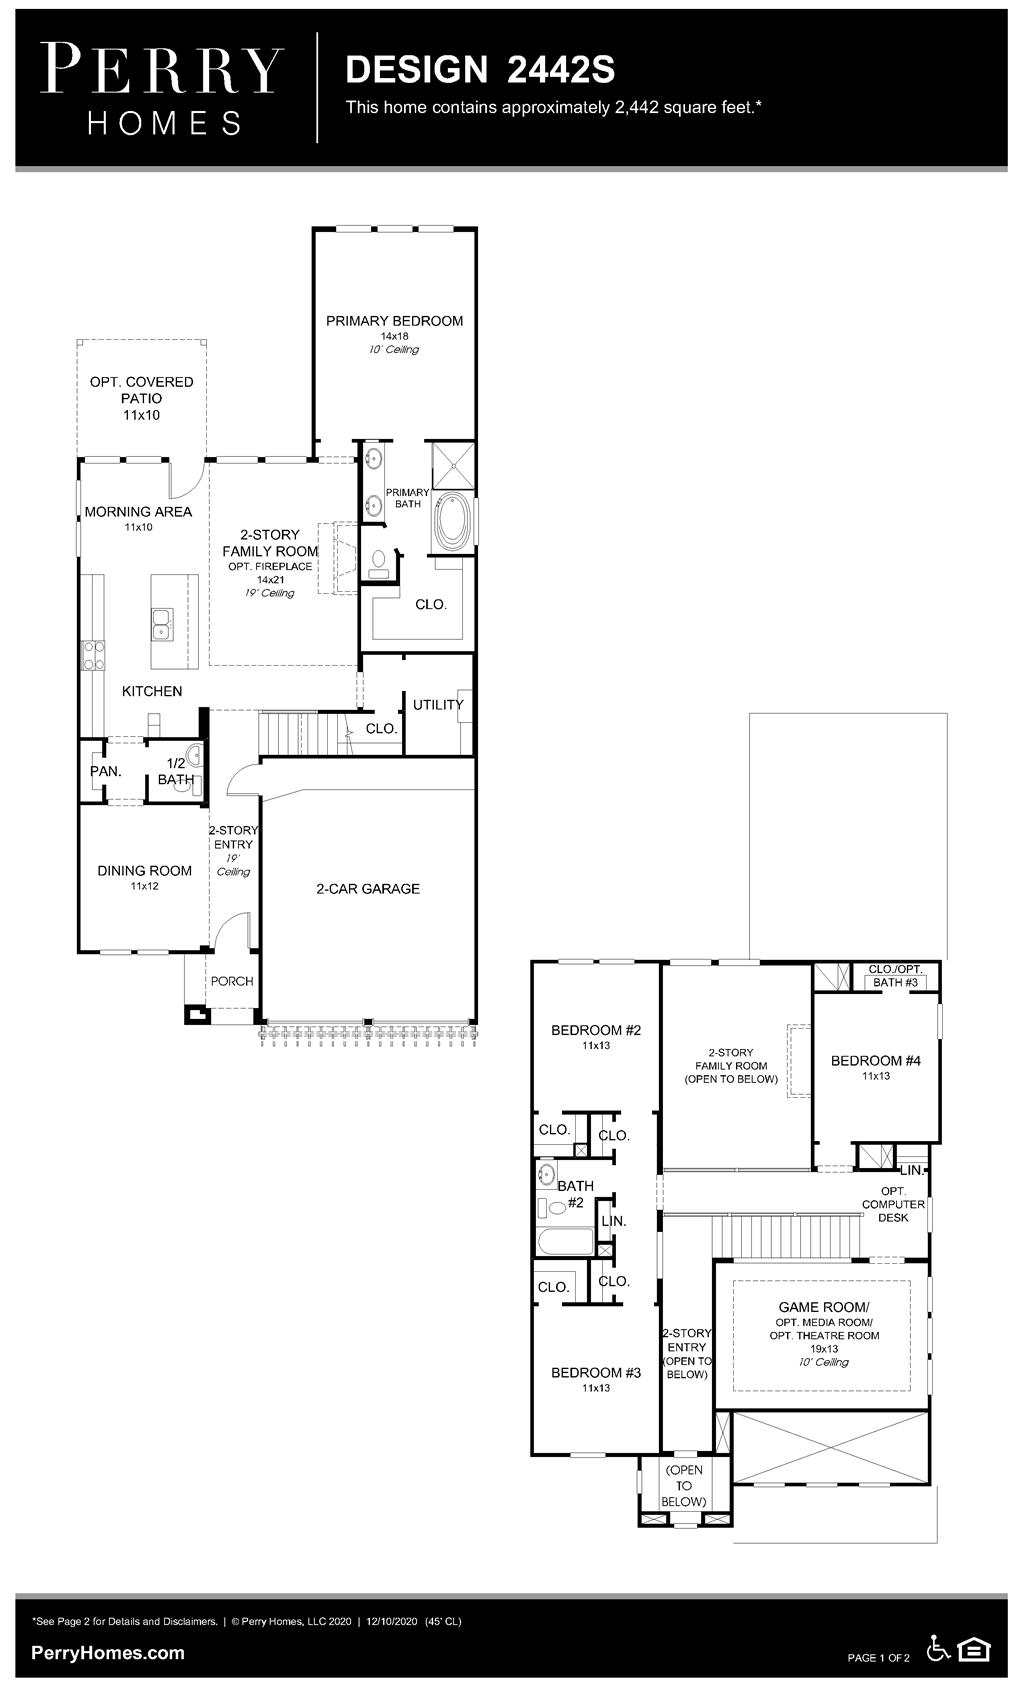 Floor Plan for 2442S